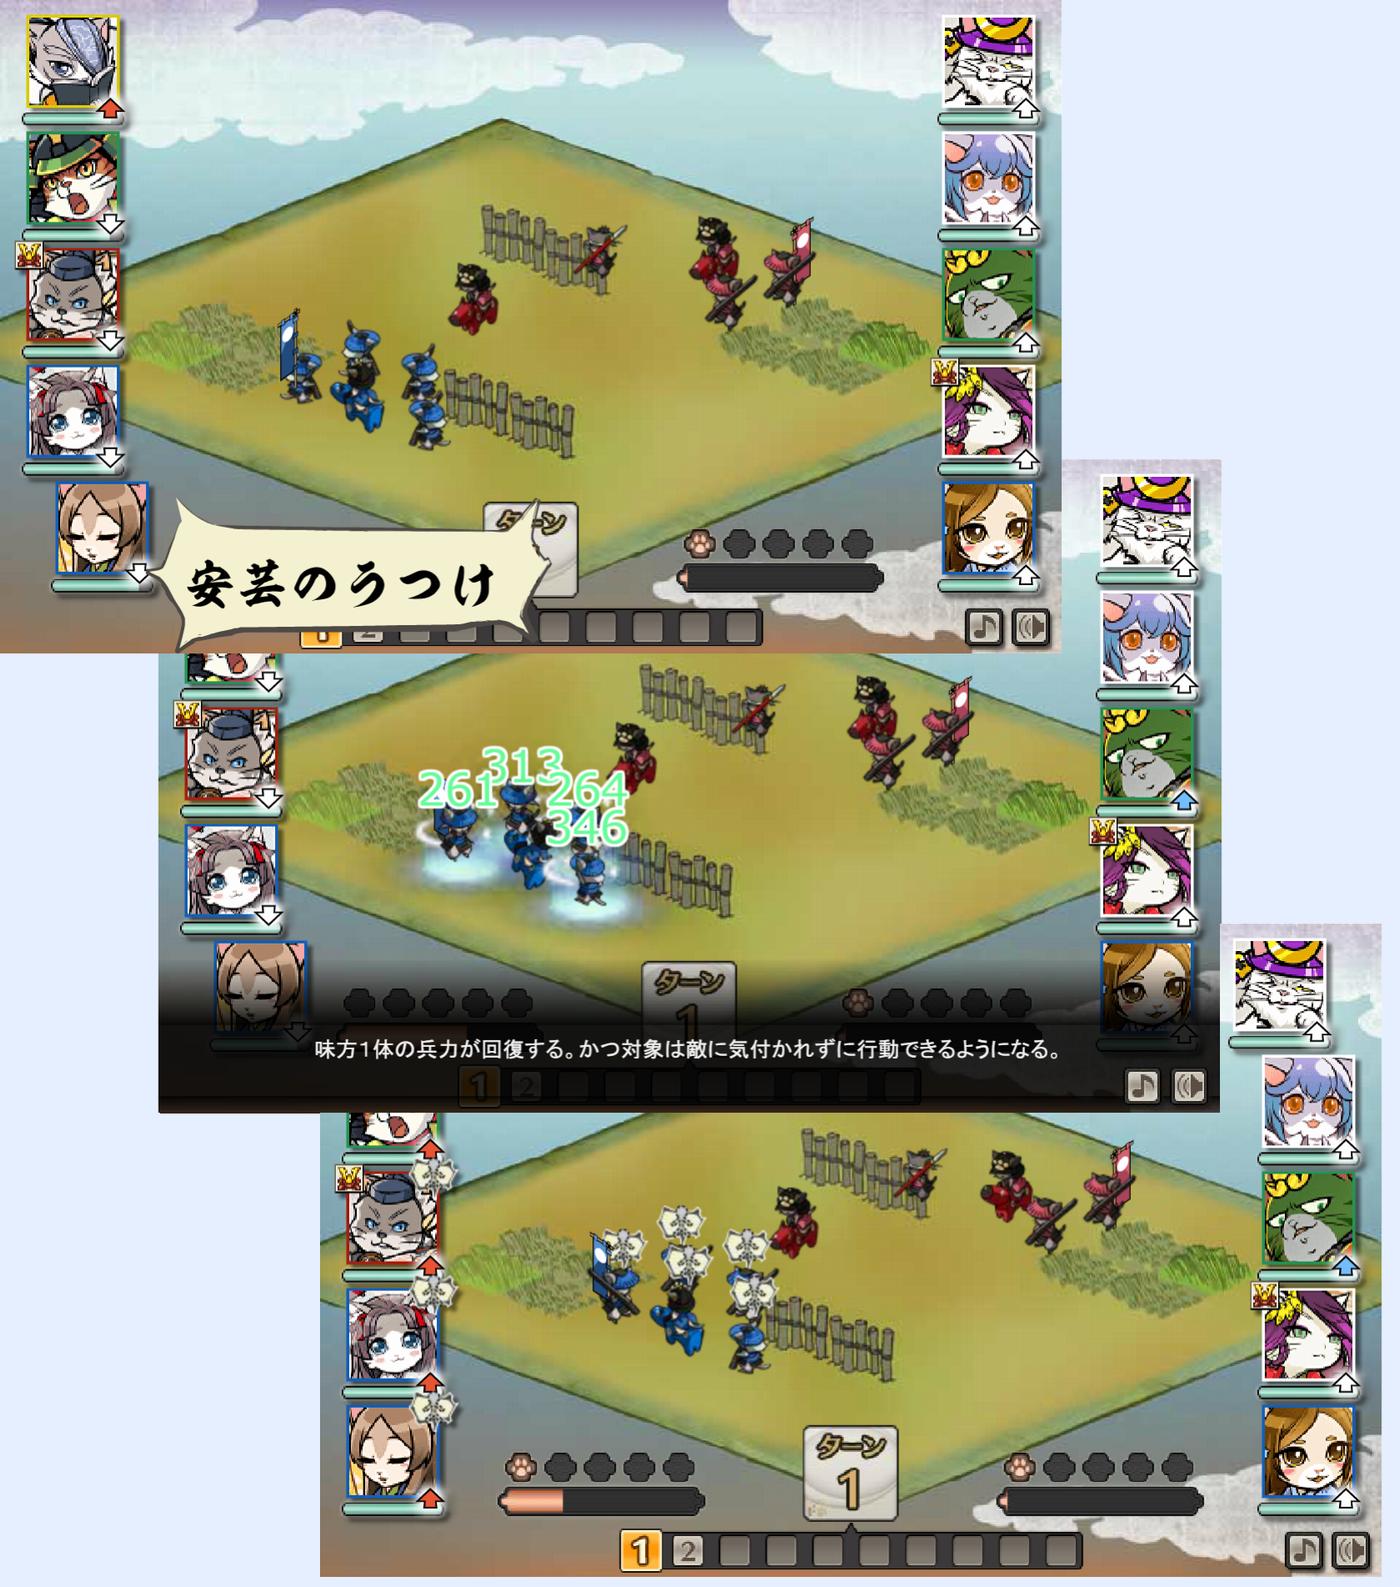 game_akino_utuke02.png